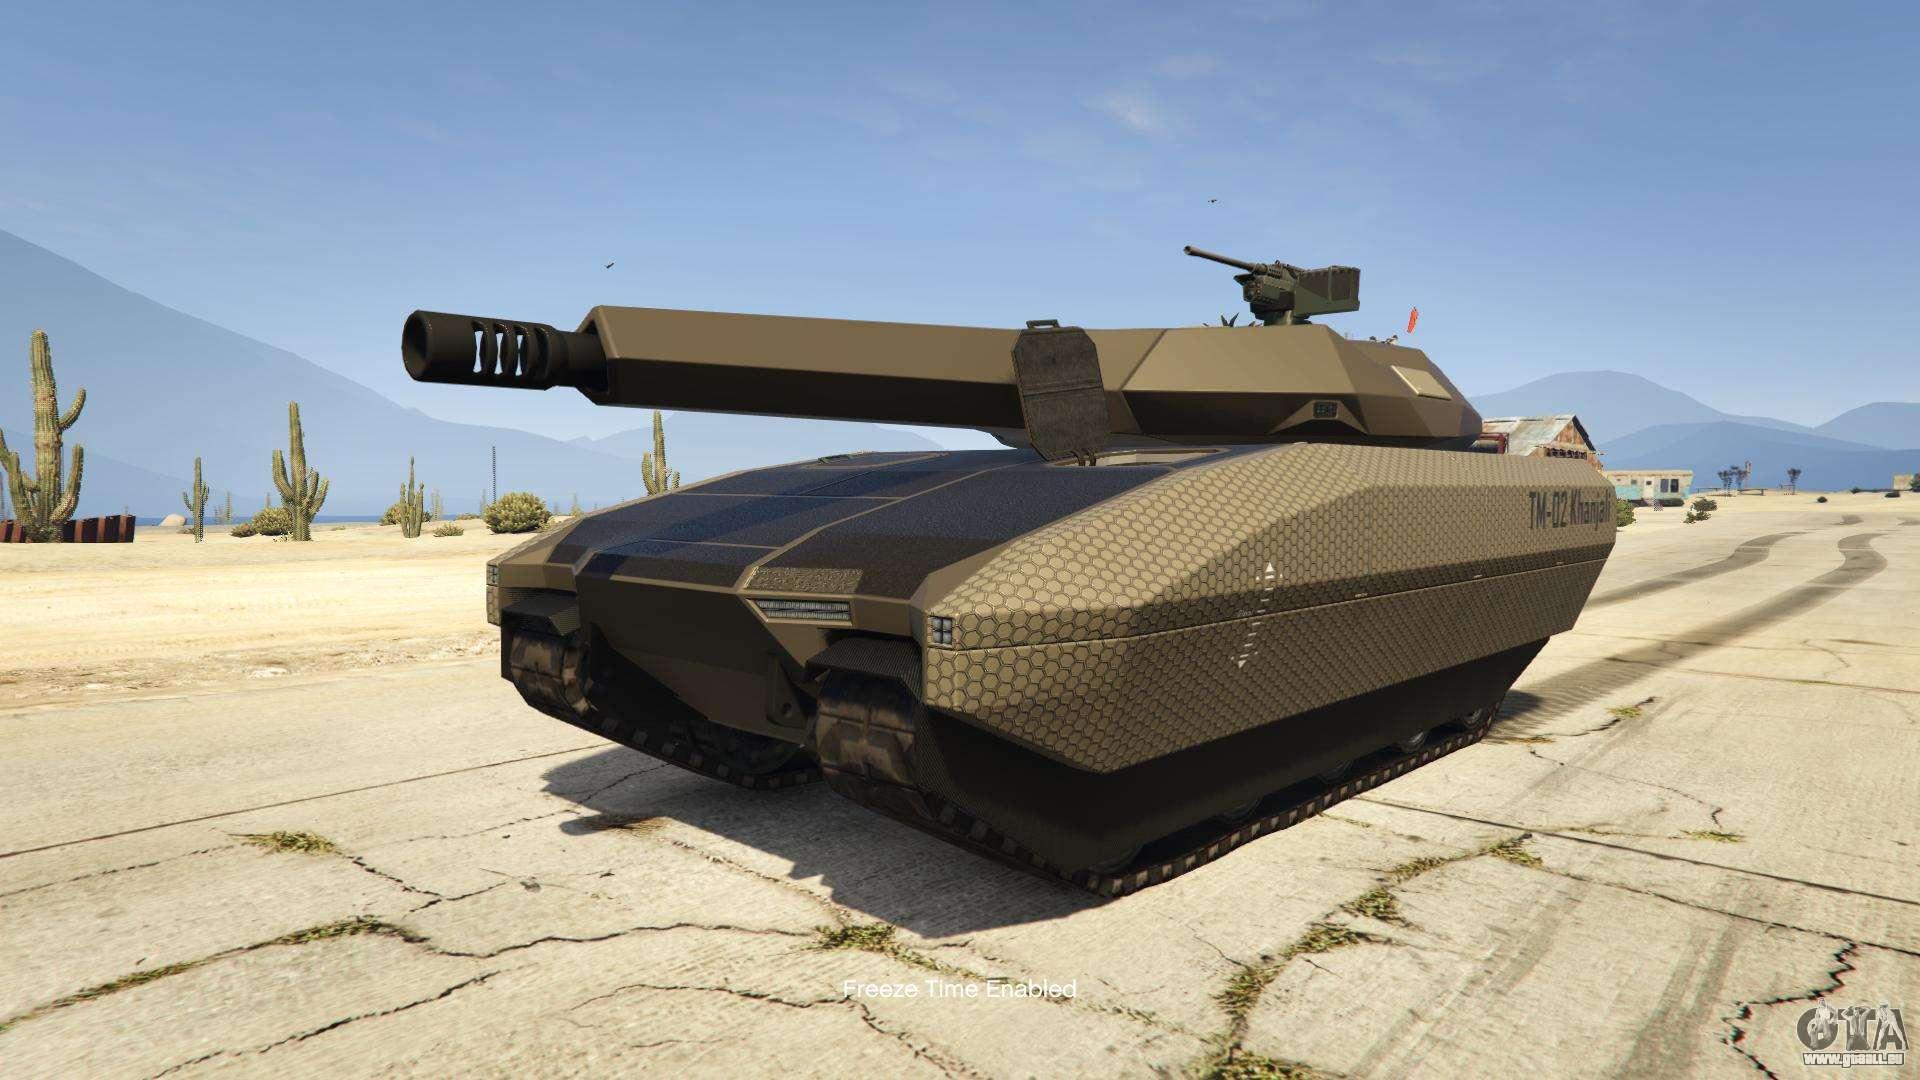 TM-02 Khanjali GTA 5